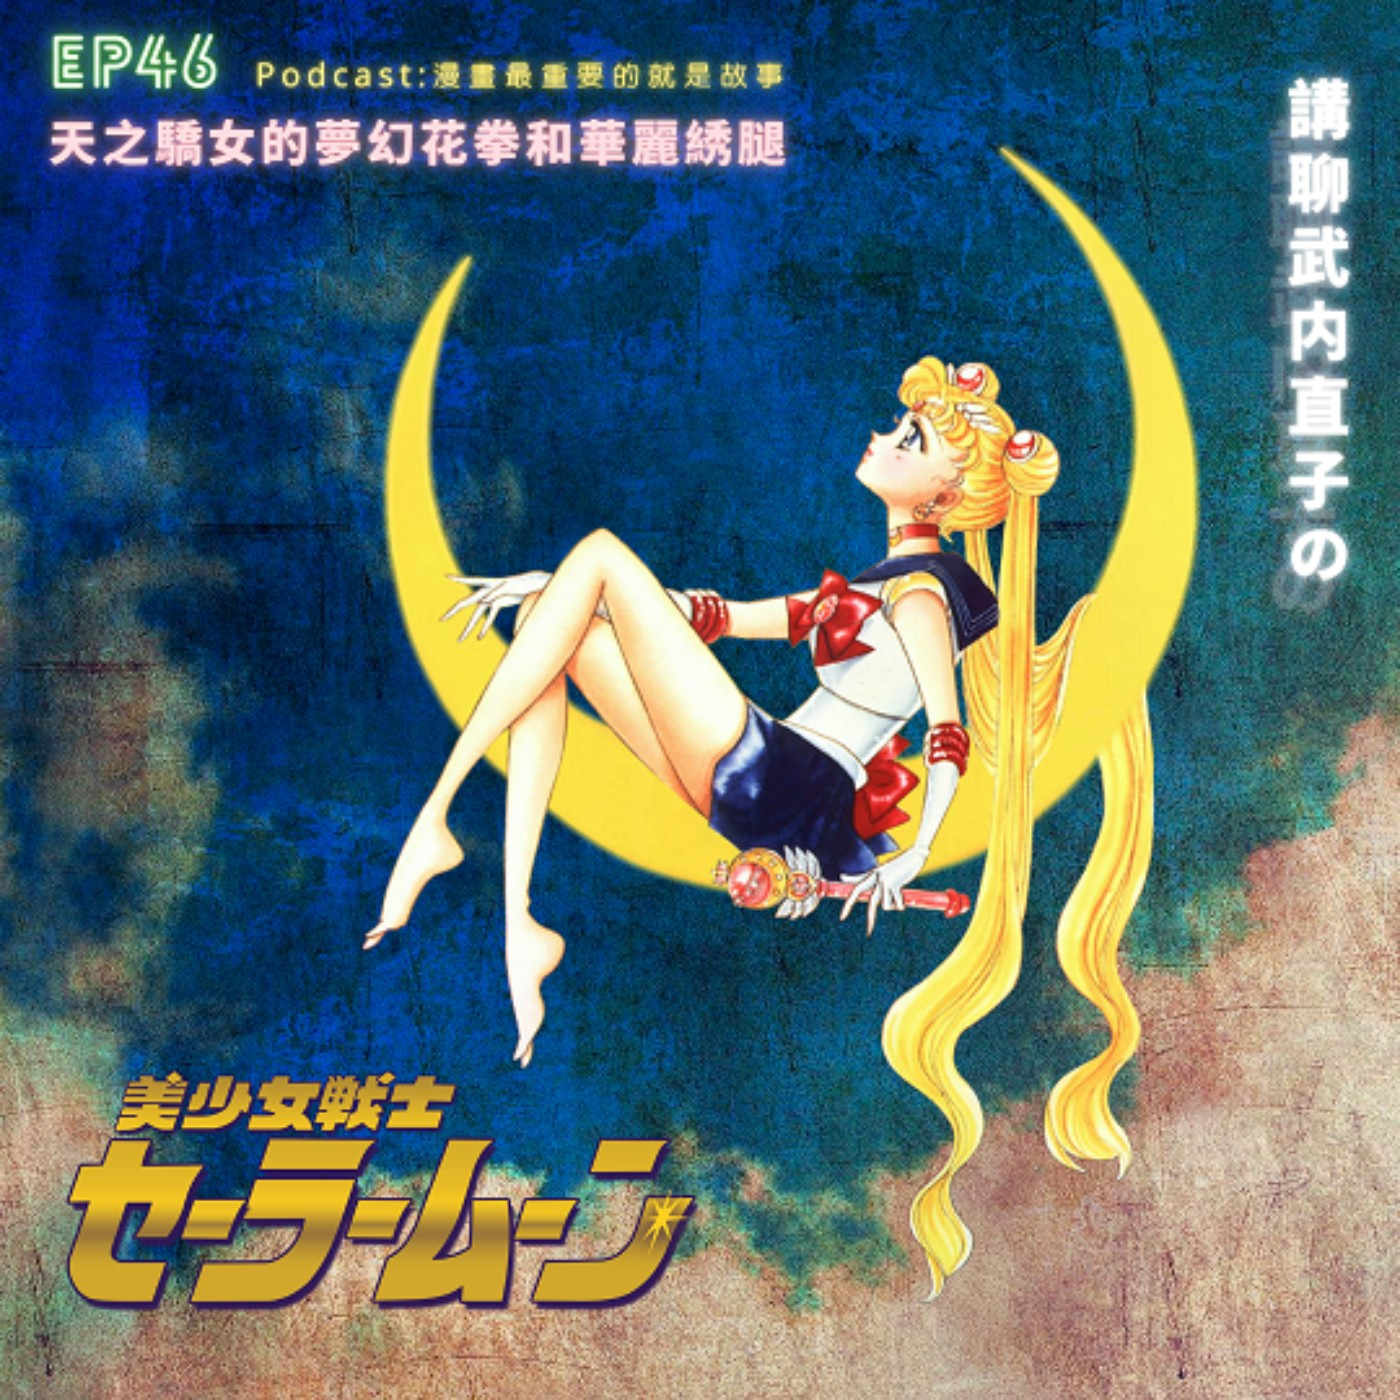 第46回:天之驕女的夢幻花拳和華麗綉腿,講聊武内直子的《美少女戰士》